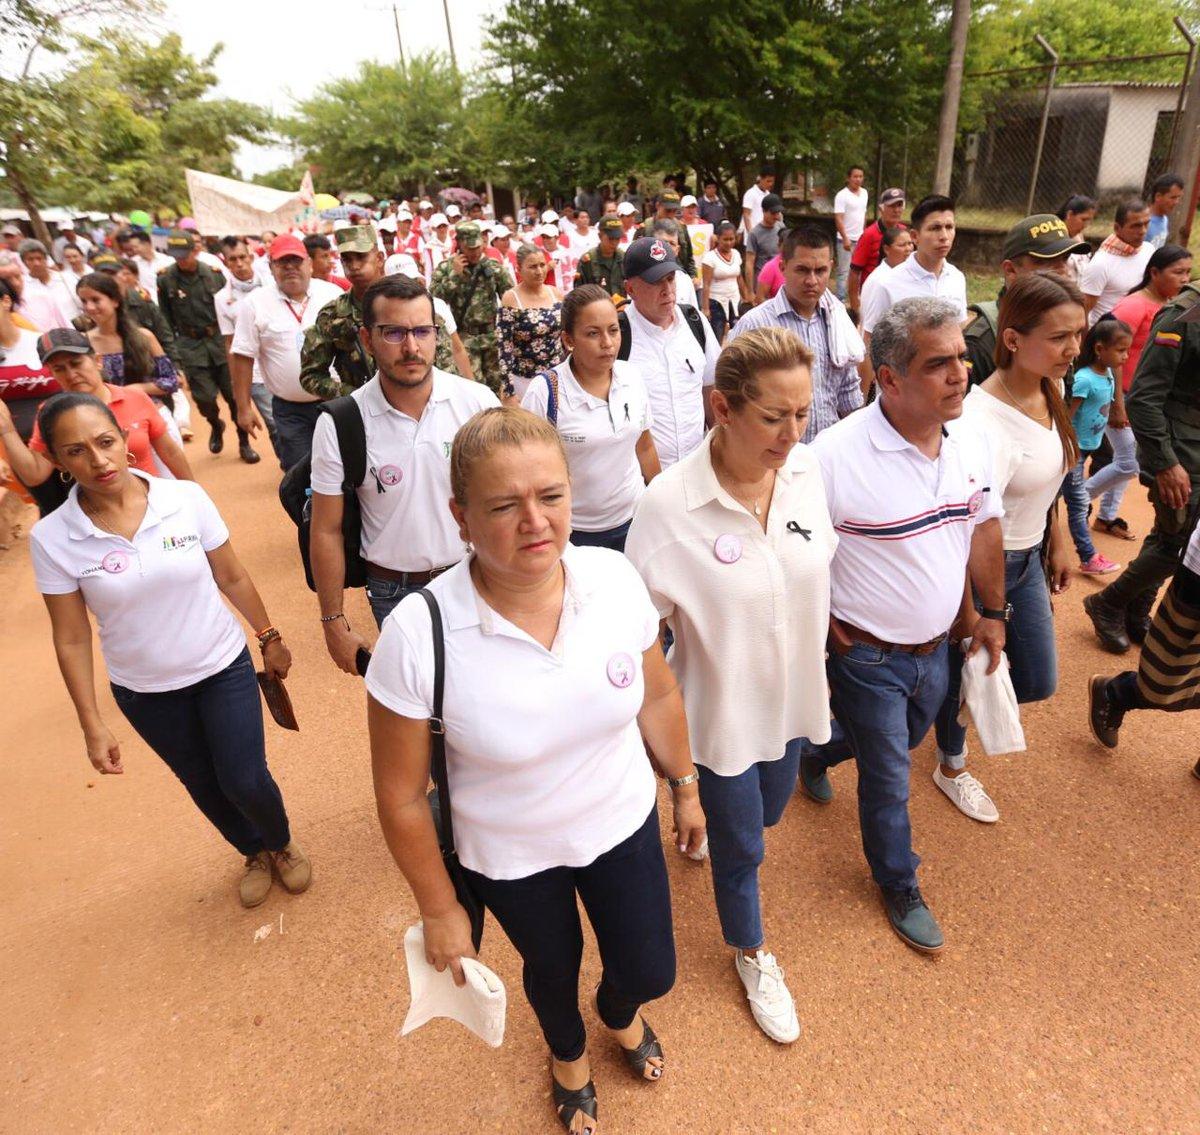 Marcela Amaya, gobernadora del Meta visitó el municpio de Mapiripán (Meta) donde participó en la marcha en rechazo al asesinato de Erika González. - Foto / @GobMeta